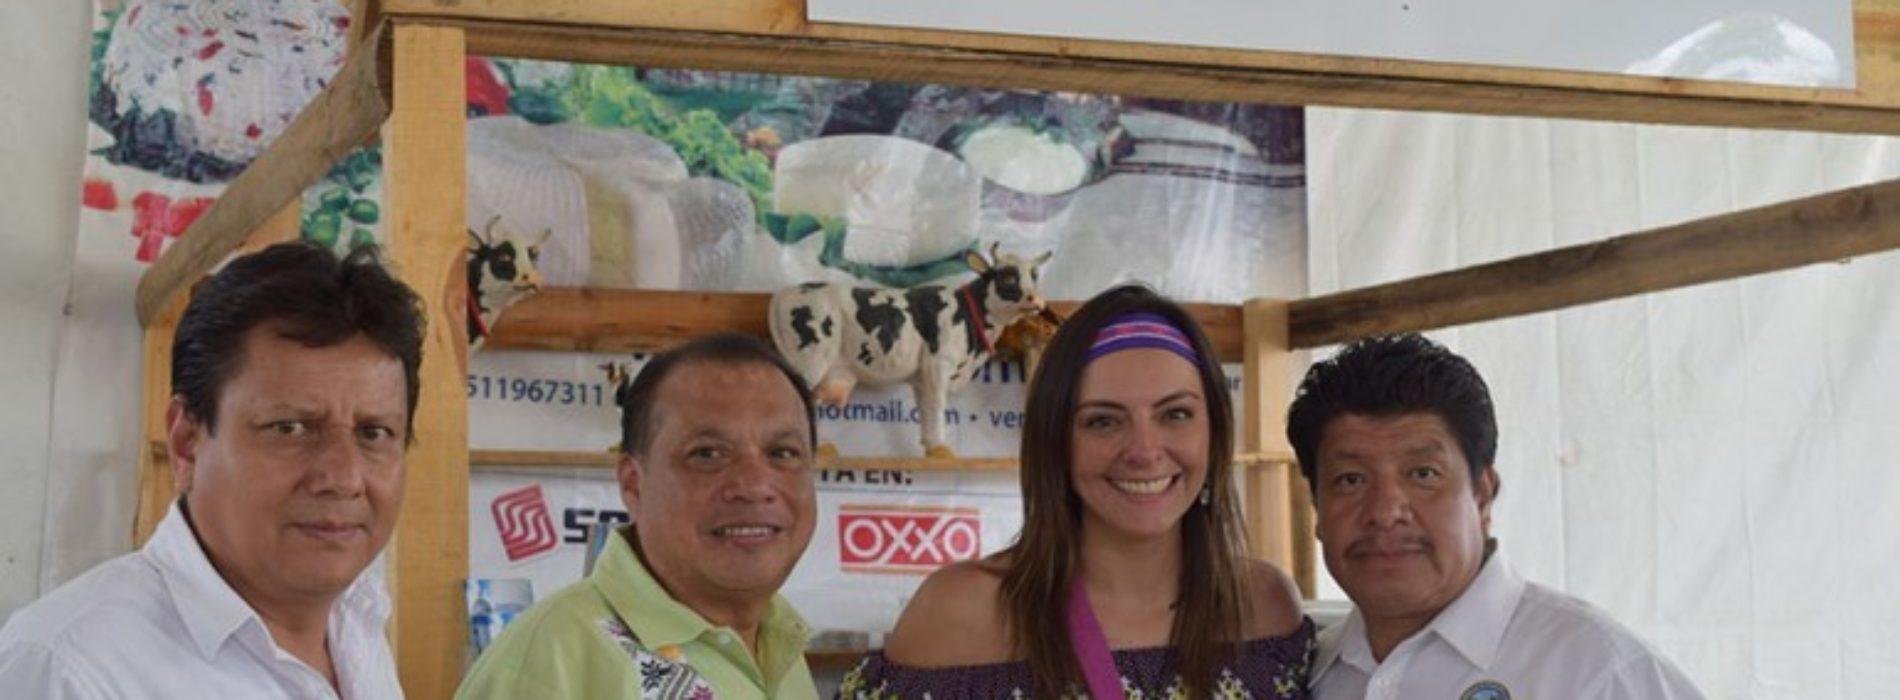 Exponen en ferias de Oaxaca productos de calidad: Sagarpa